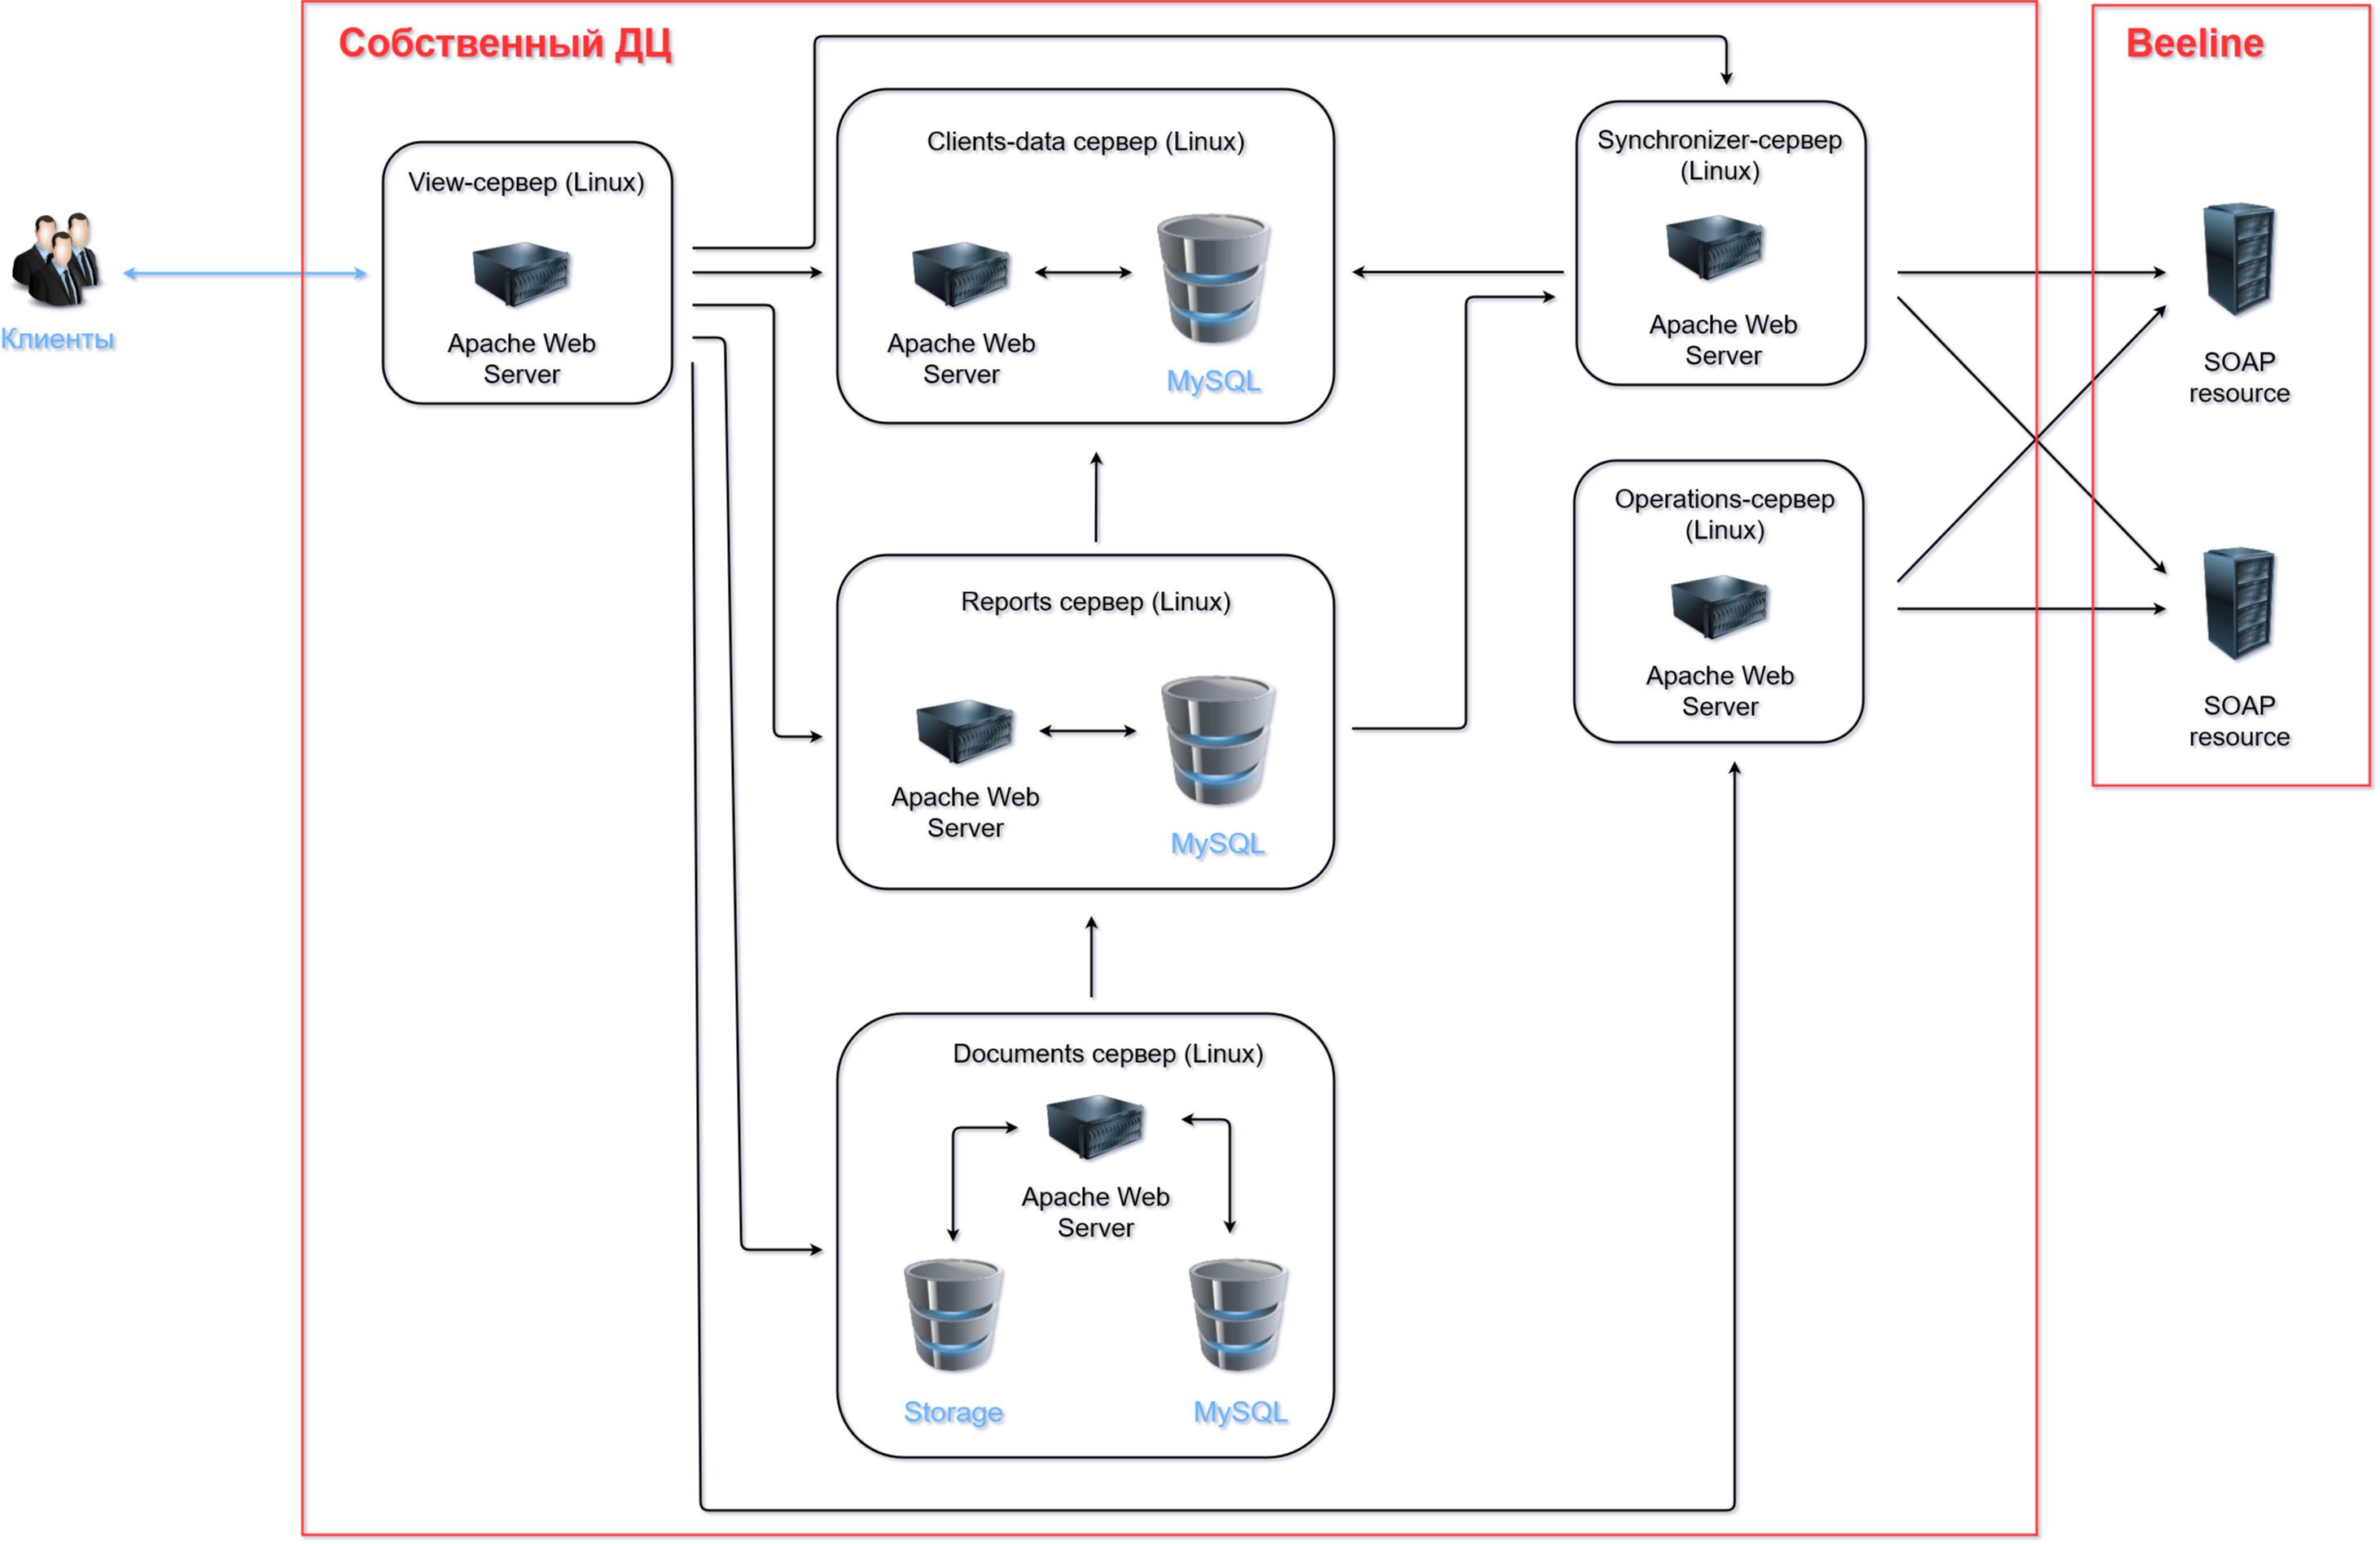 оптимизация производительности crm системы